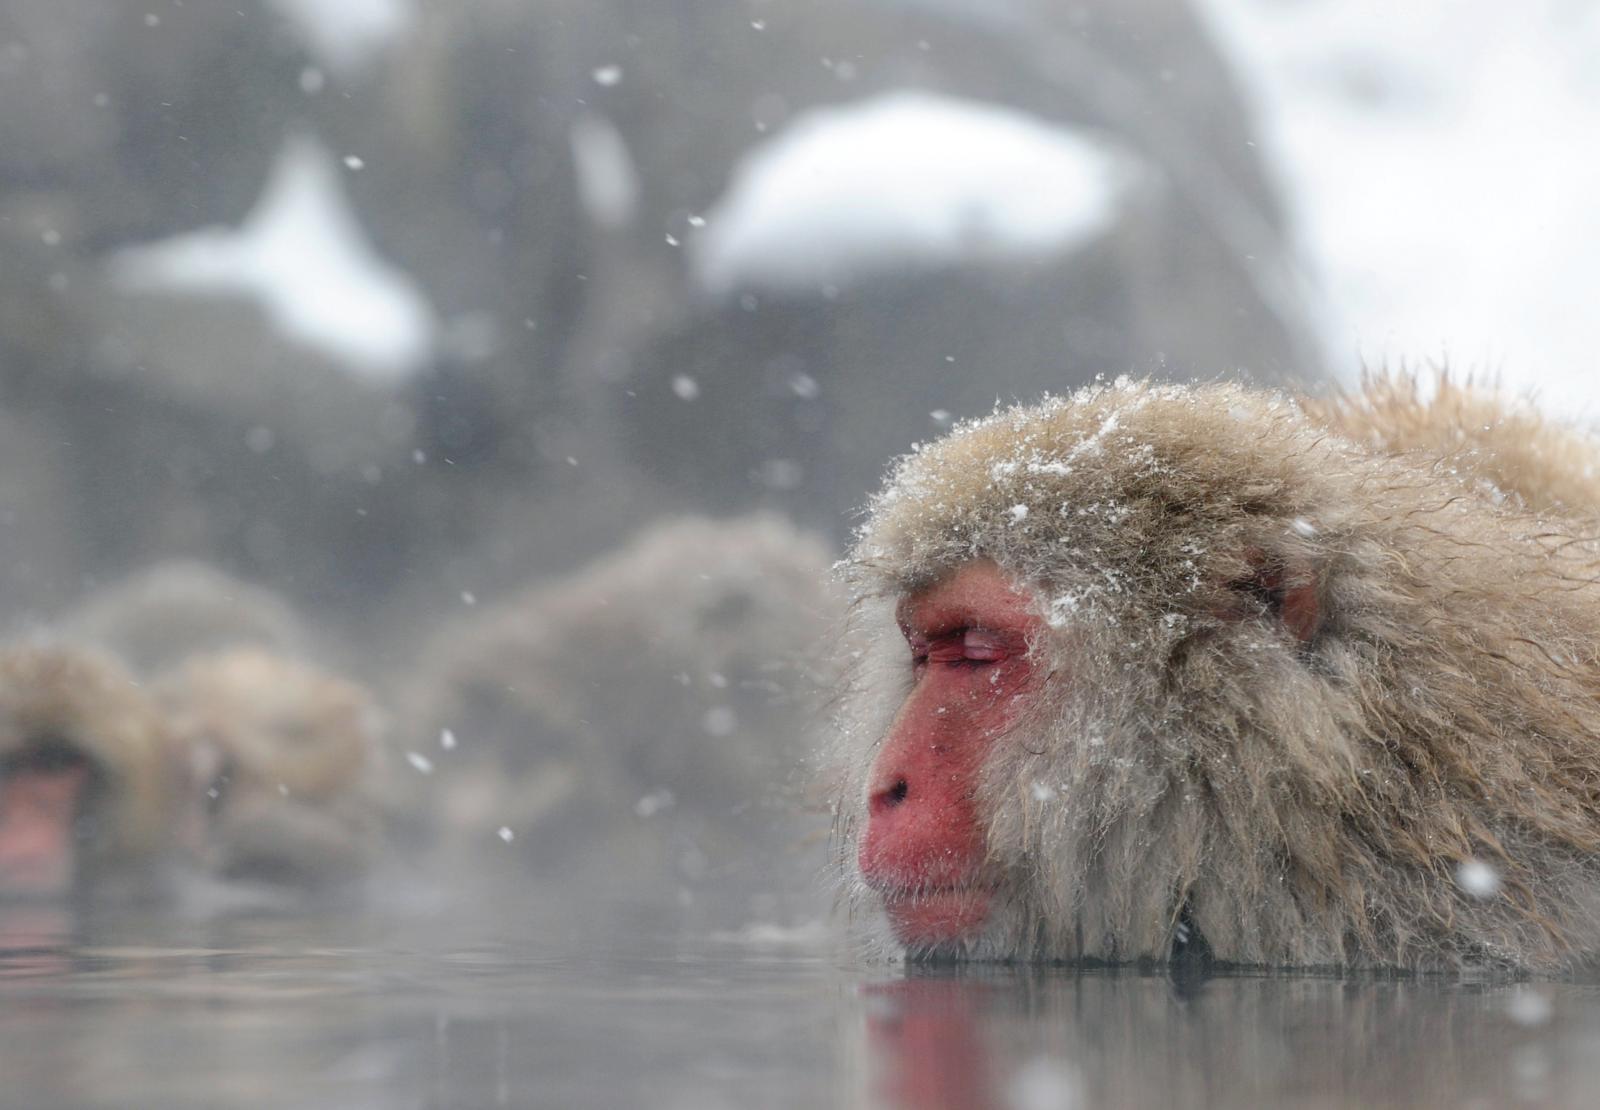 เผยลิงหิมะญี่ปุ่นแช่น้ำร้อนเพื่อคลายเครียด-เพิ่มโอกาสสืบพันธุ์